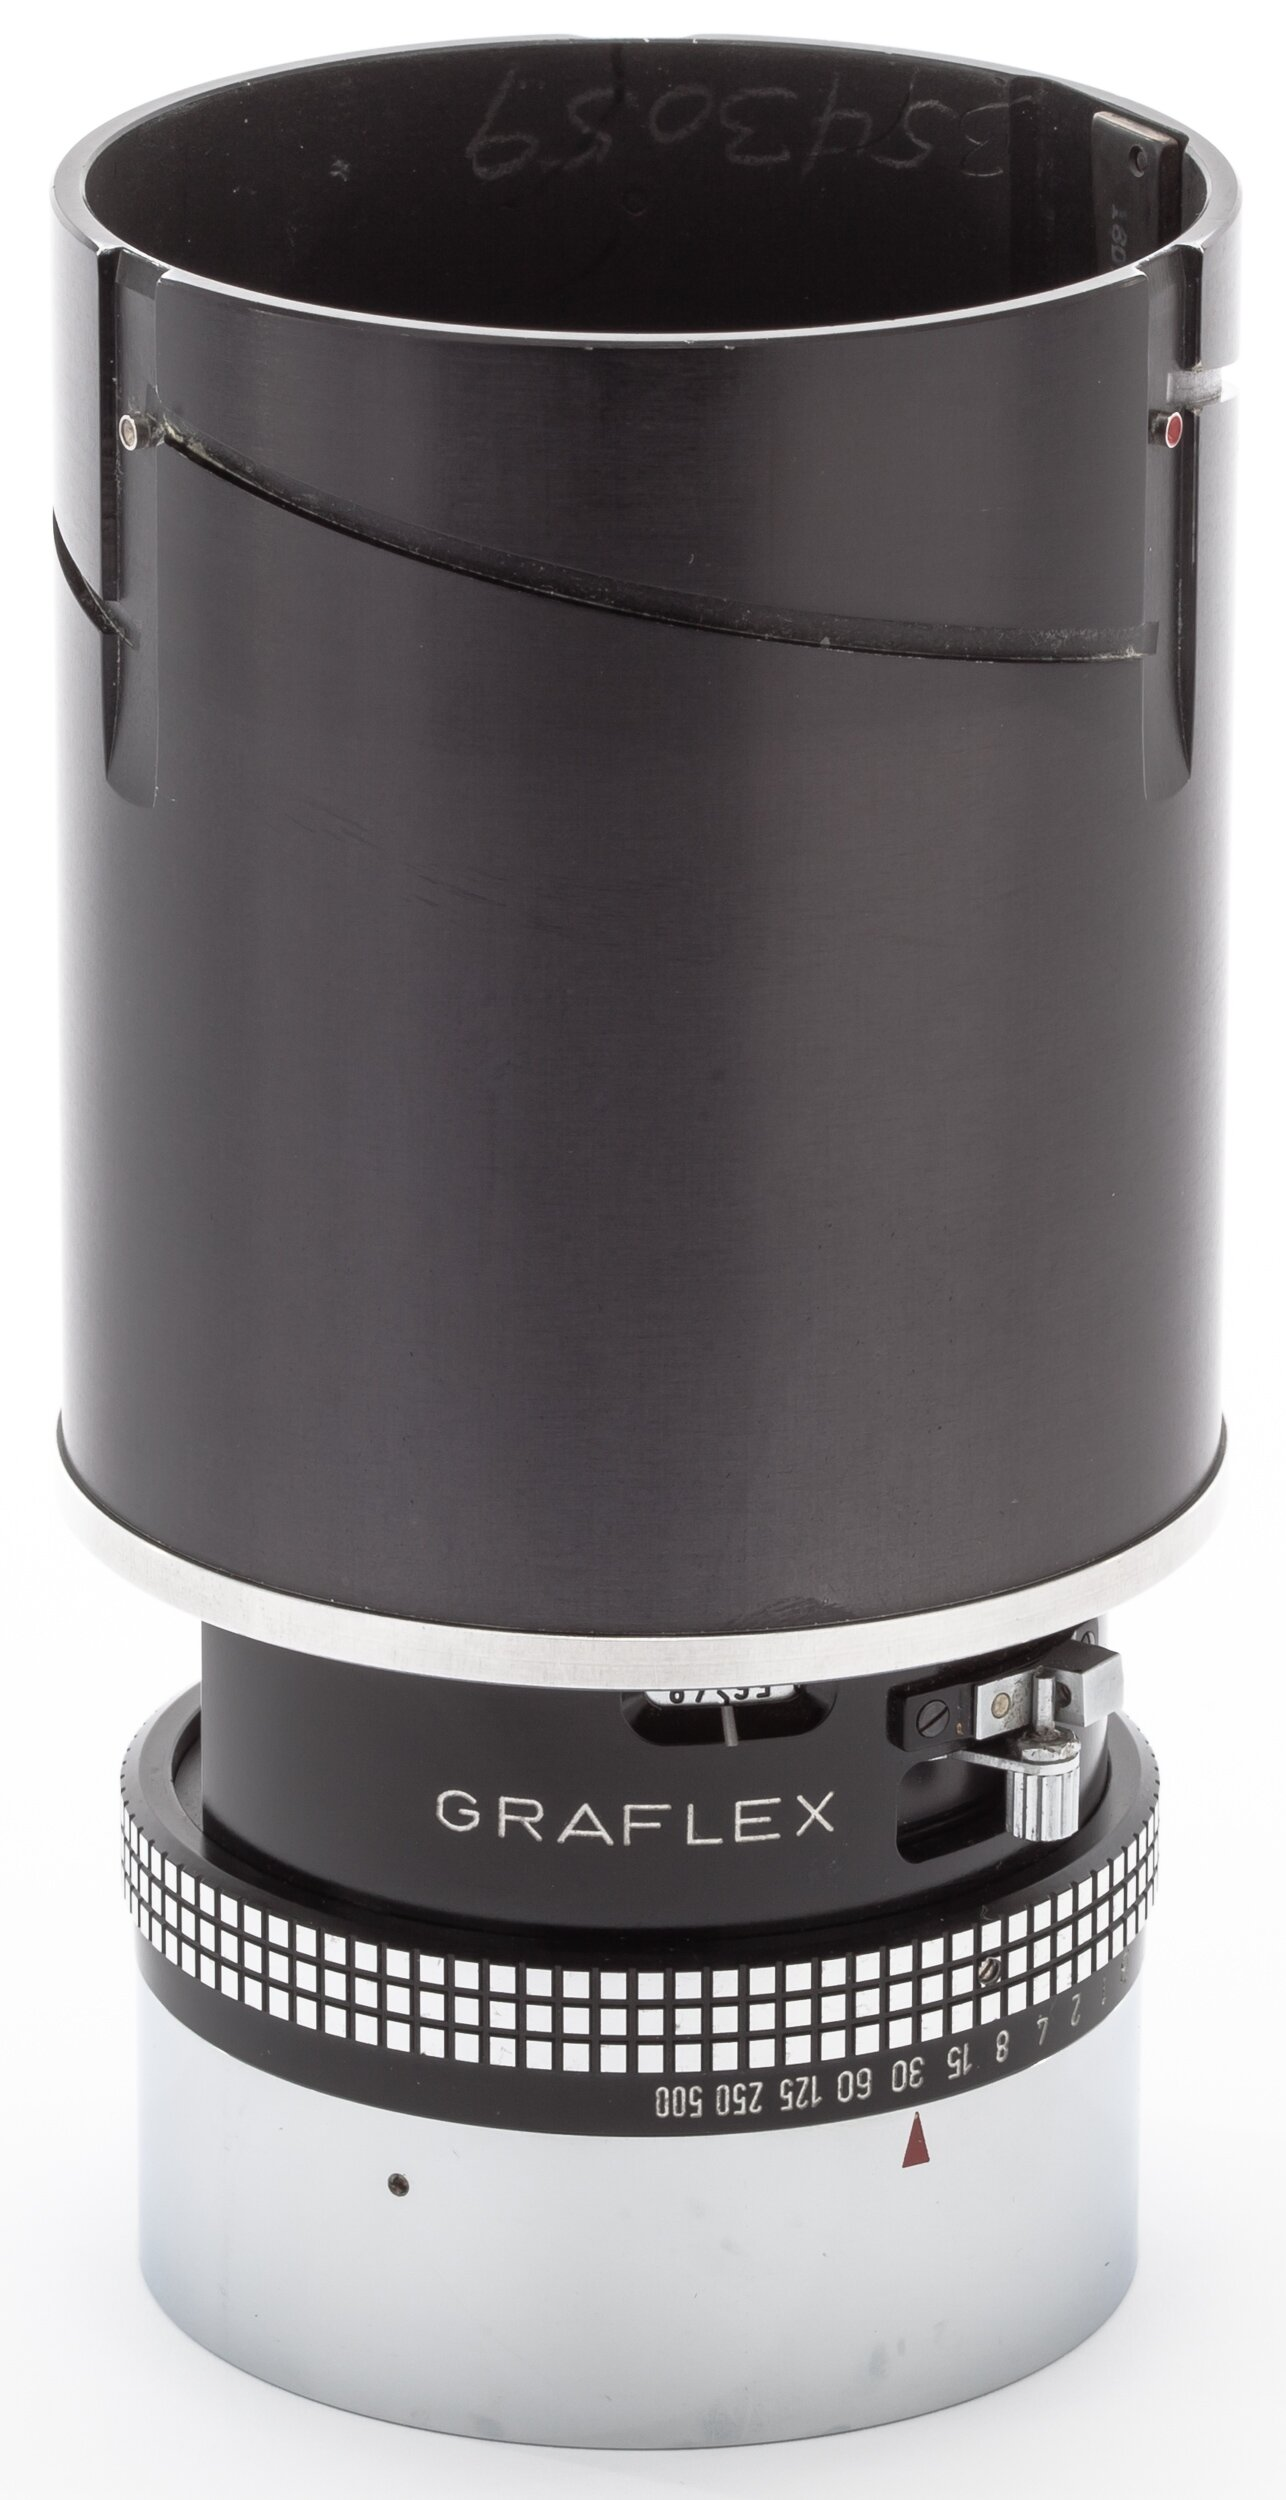 Carl Zeiss f. Graflex 180mm 4,8 Sonnar